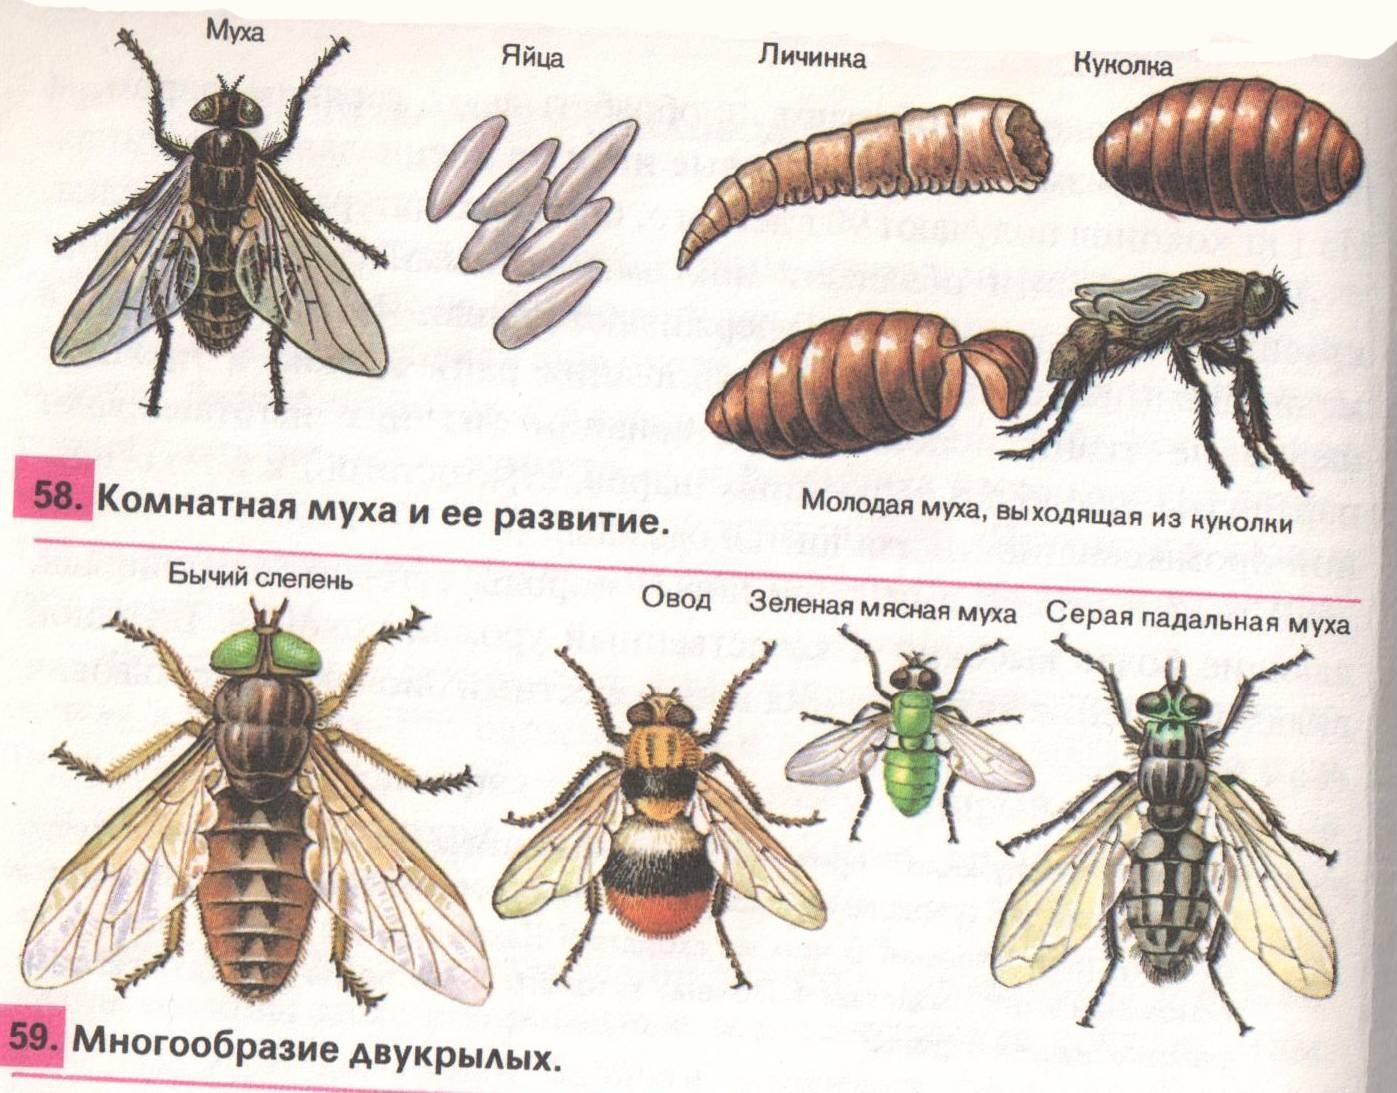 Классификация мух по видам